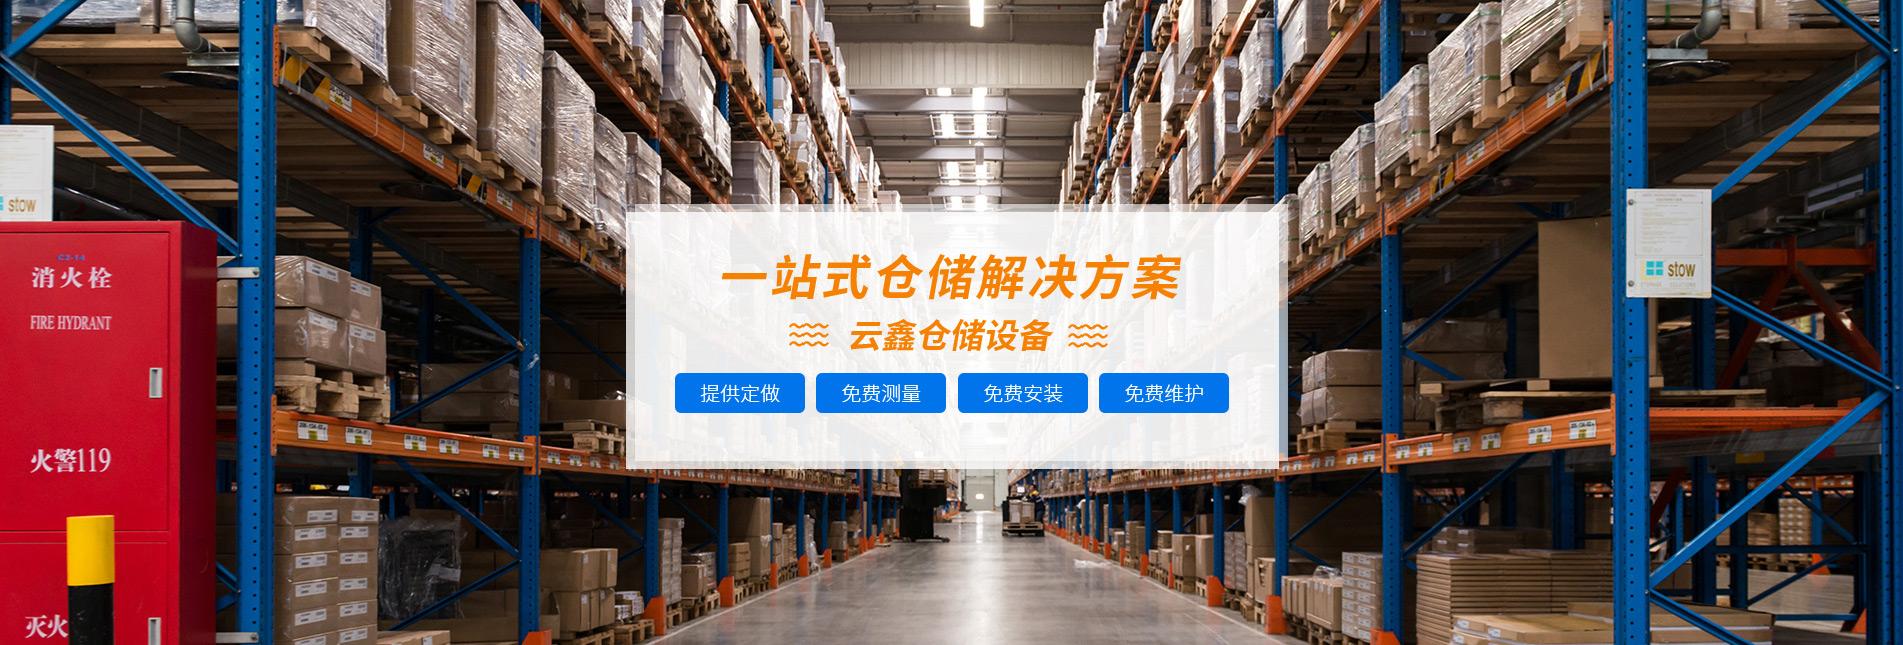 重庆货架平台,钢平台阁楼货架厂家